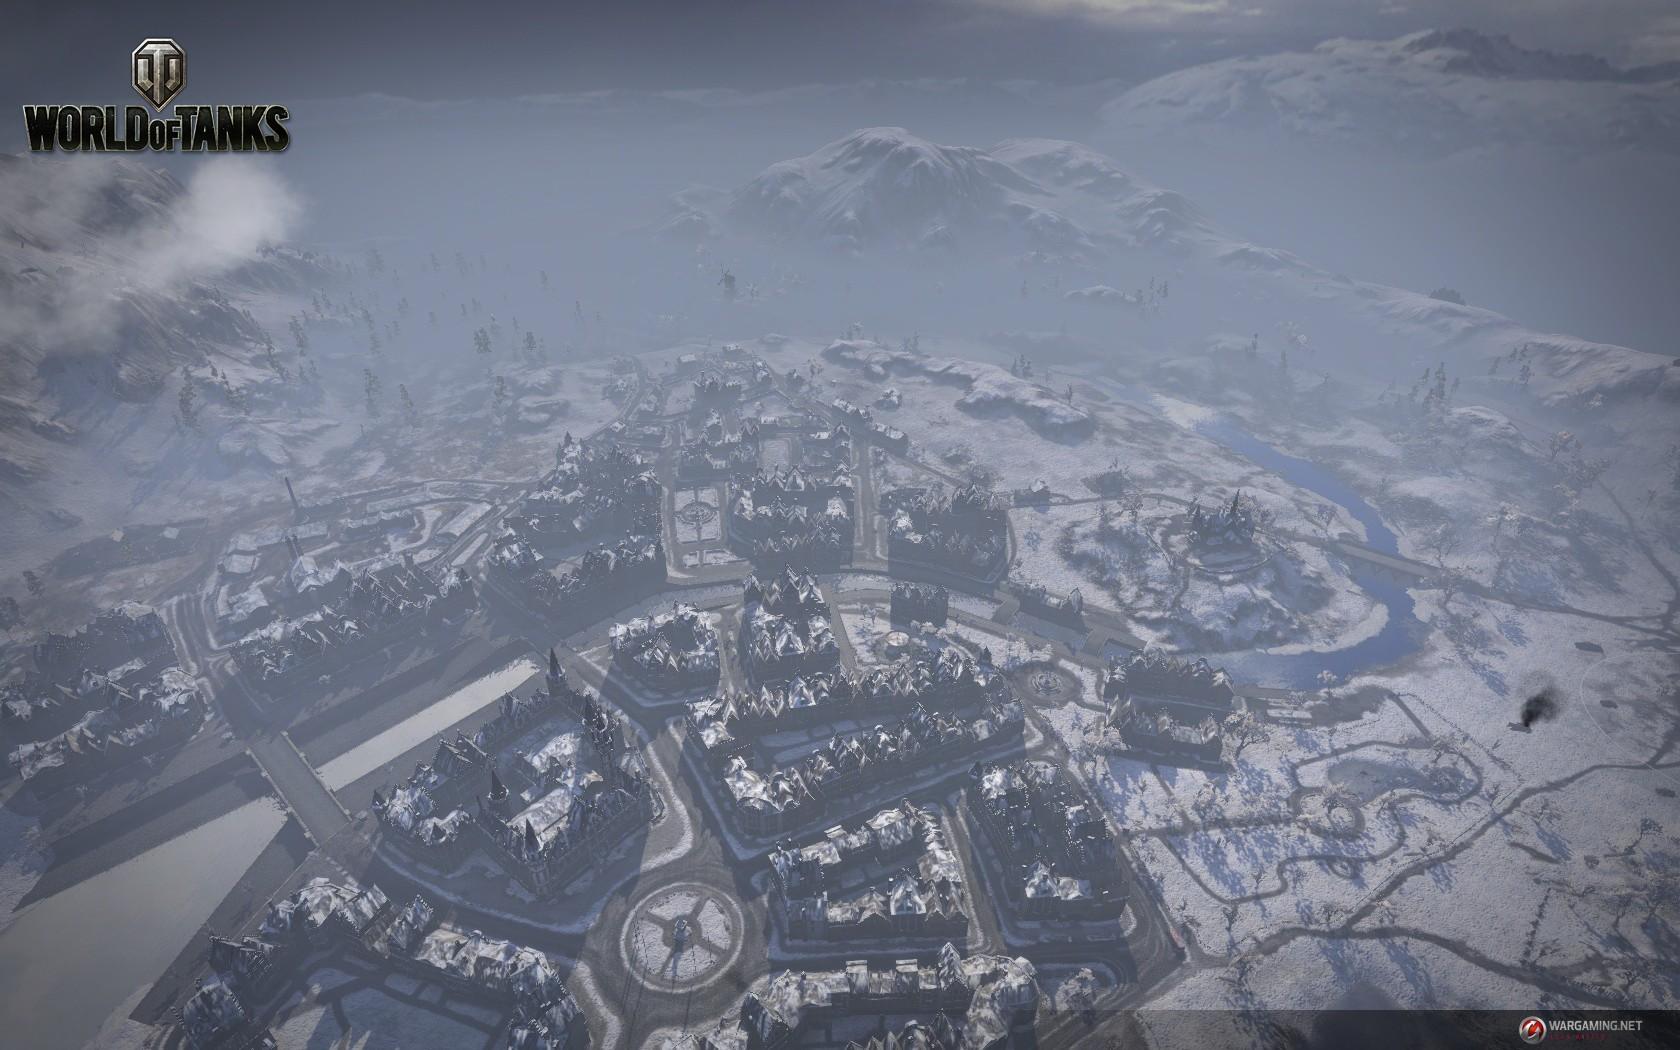 Windstorm sẽ xuất hiện trong World of Tanks 8.11 - Ảnh 2